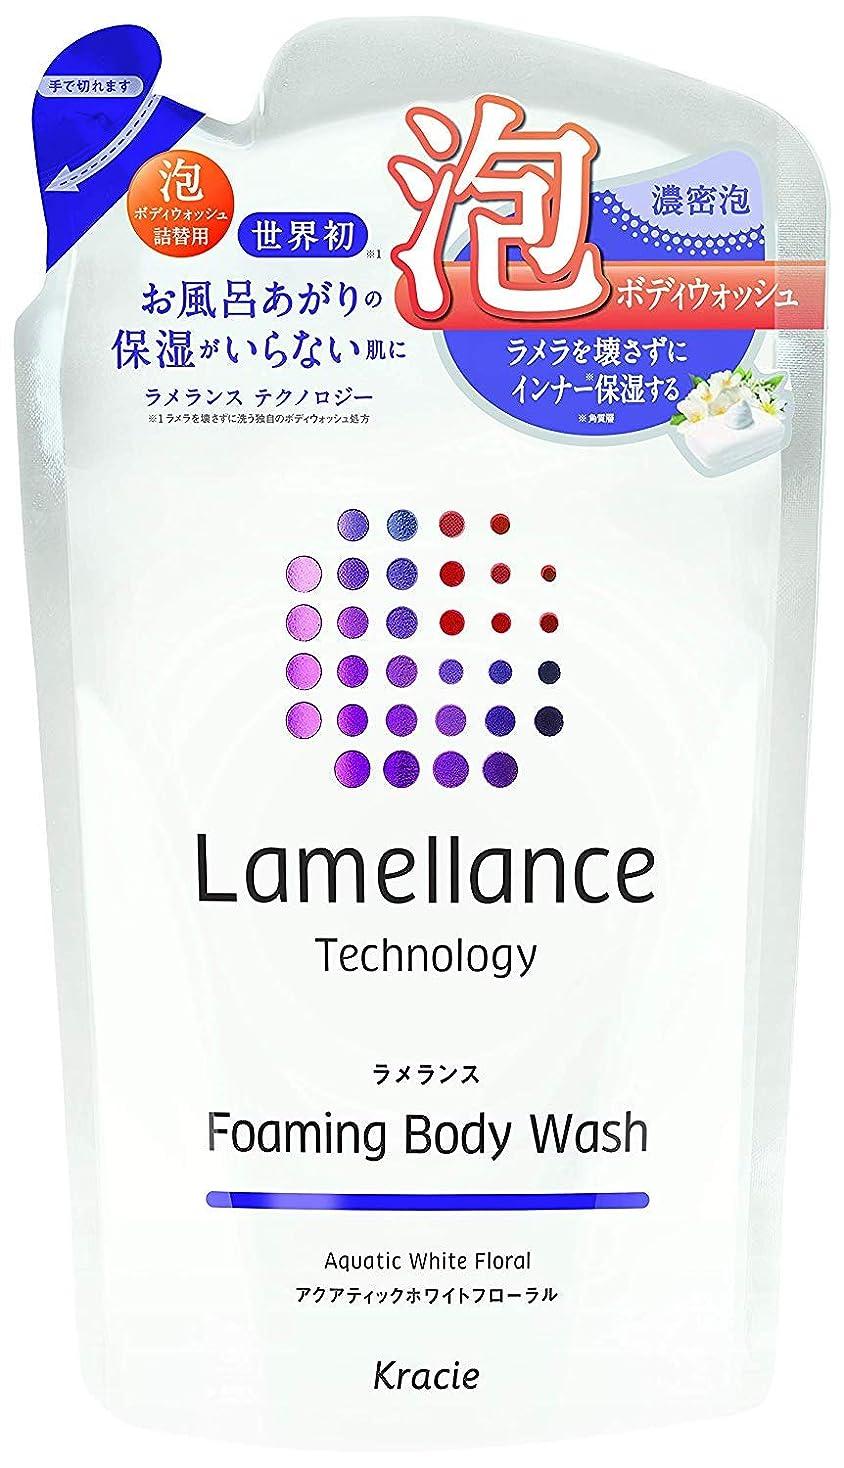 効率的溶かす牛ラメランス 泡ボディウォッシュ詰替380mL(アクアティックホワイトフローラルの香り) 泡立ていらずの濃密泡